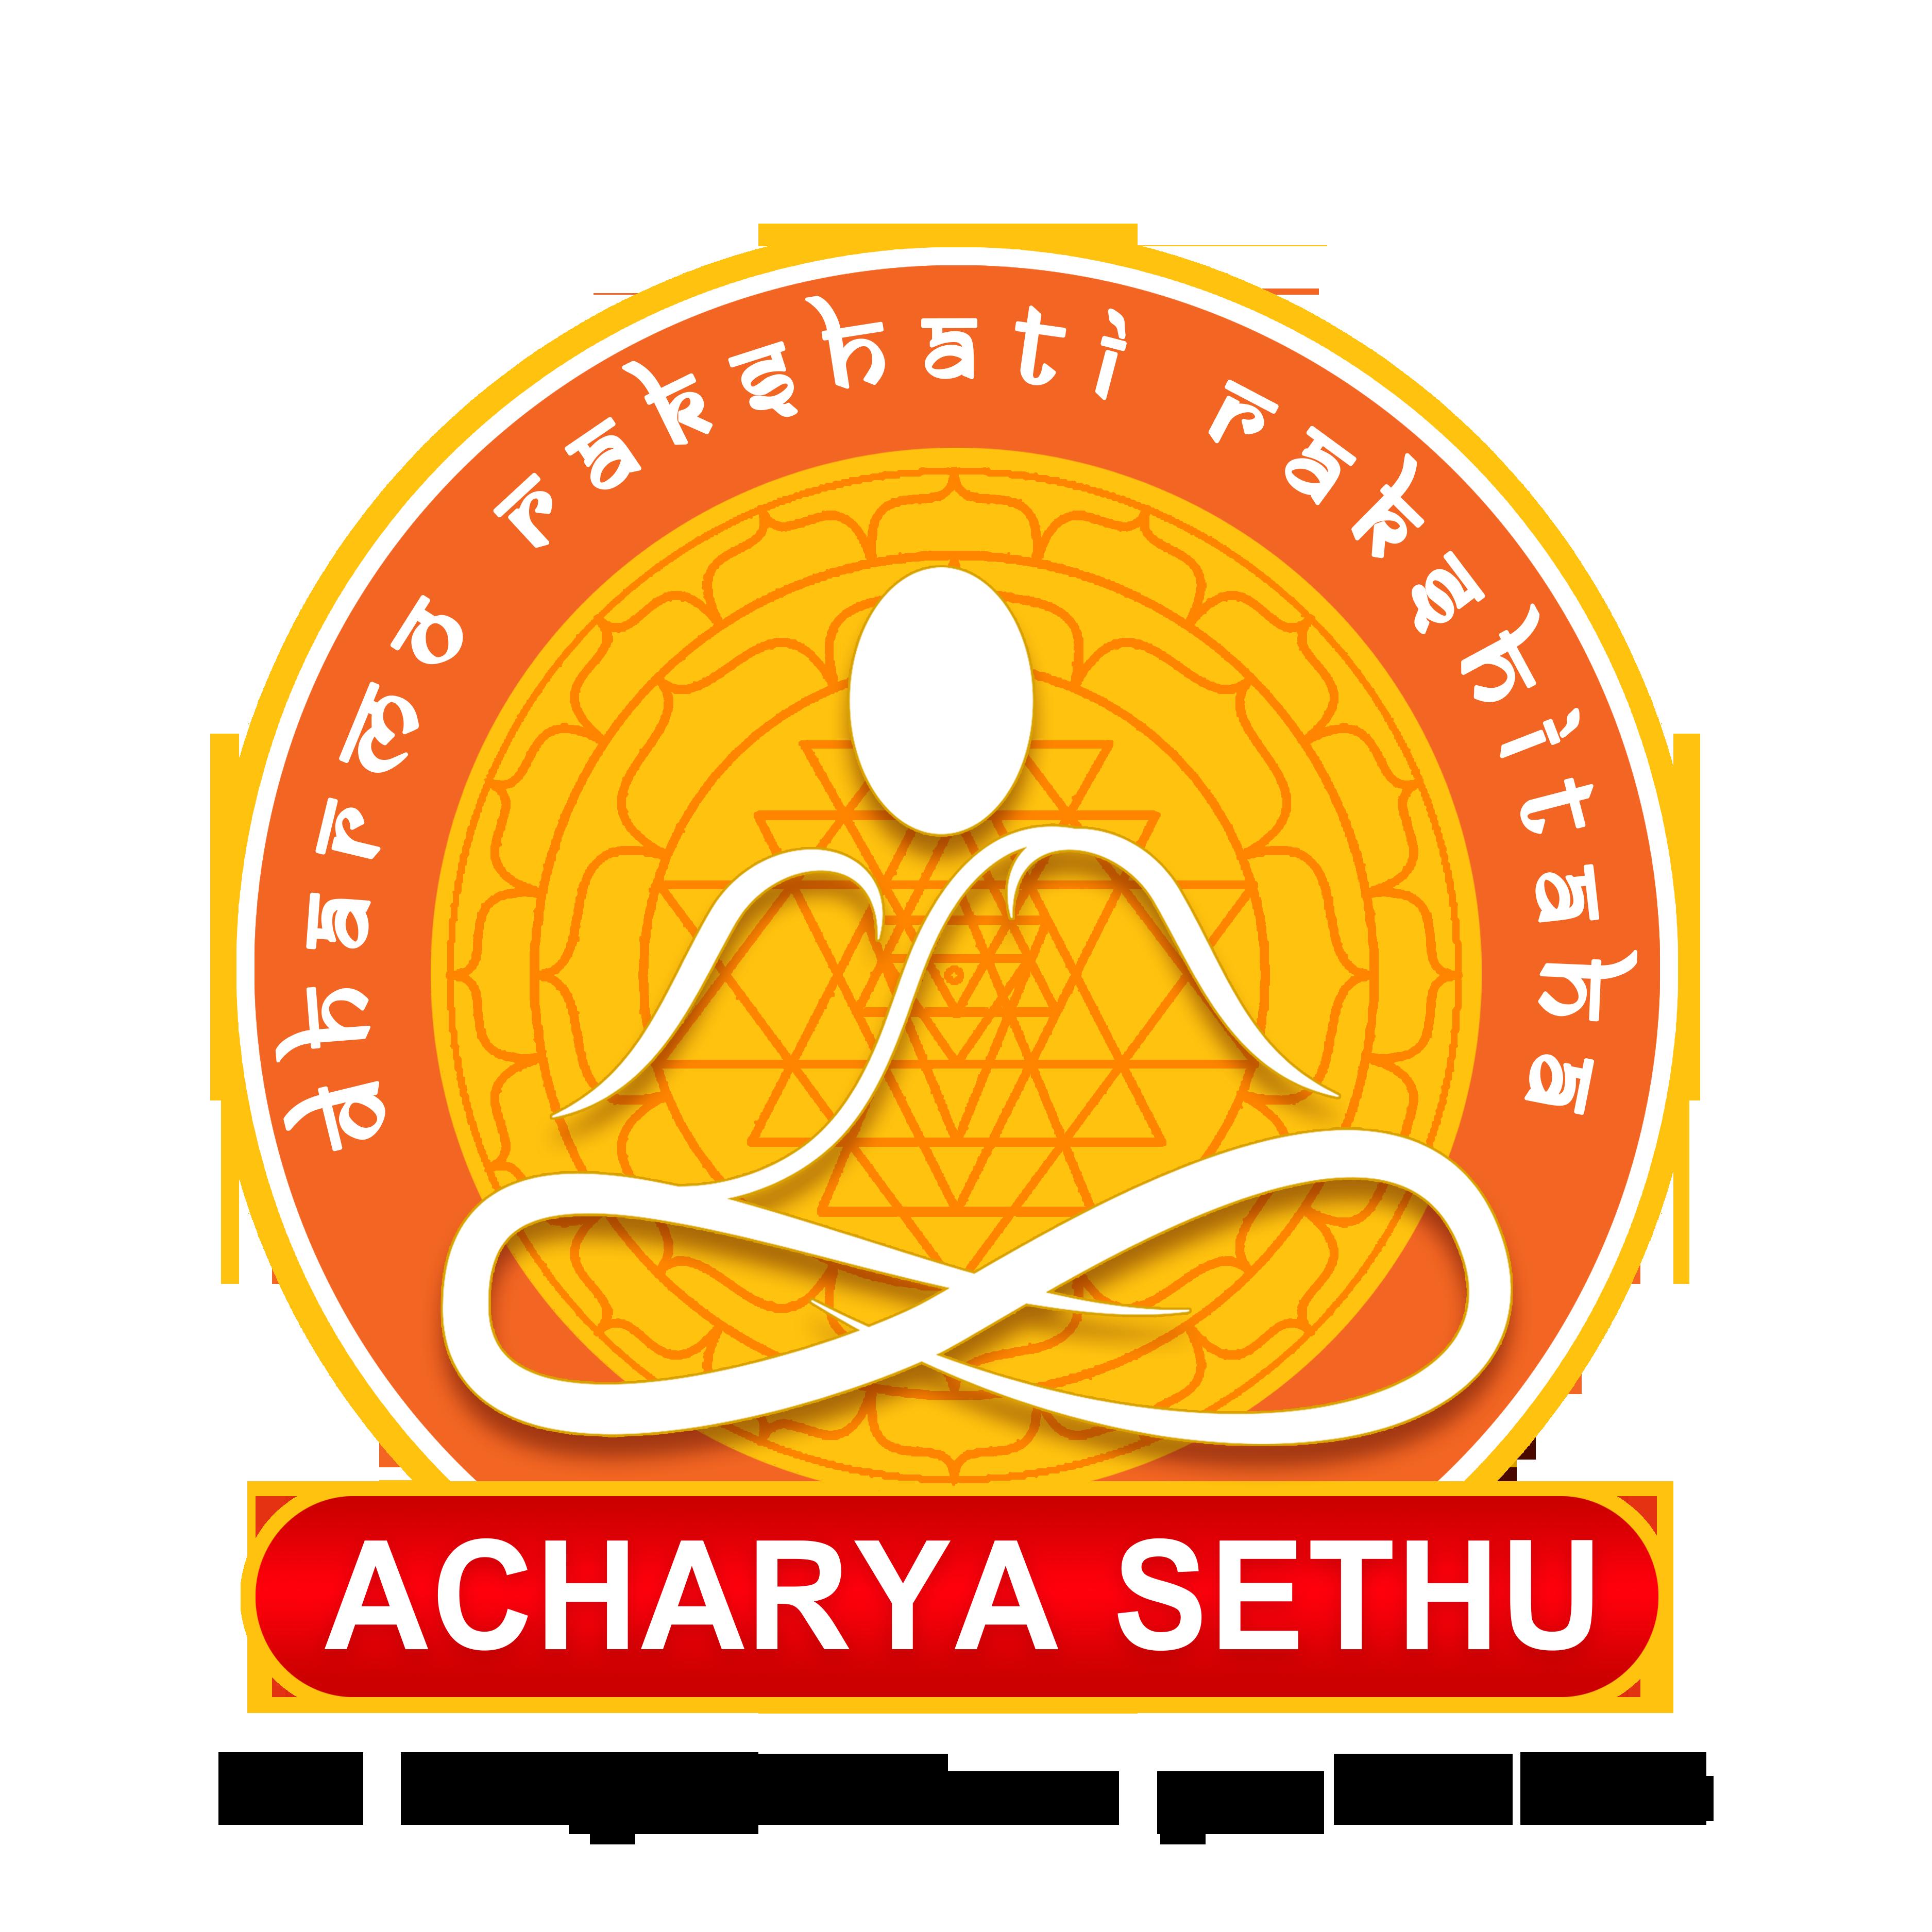 Acharyasethu